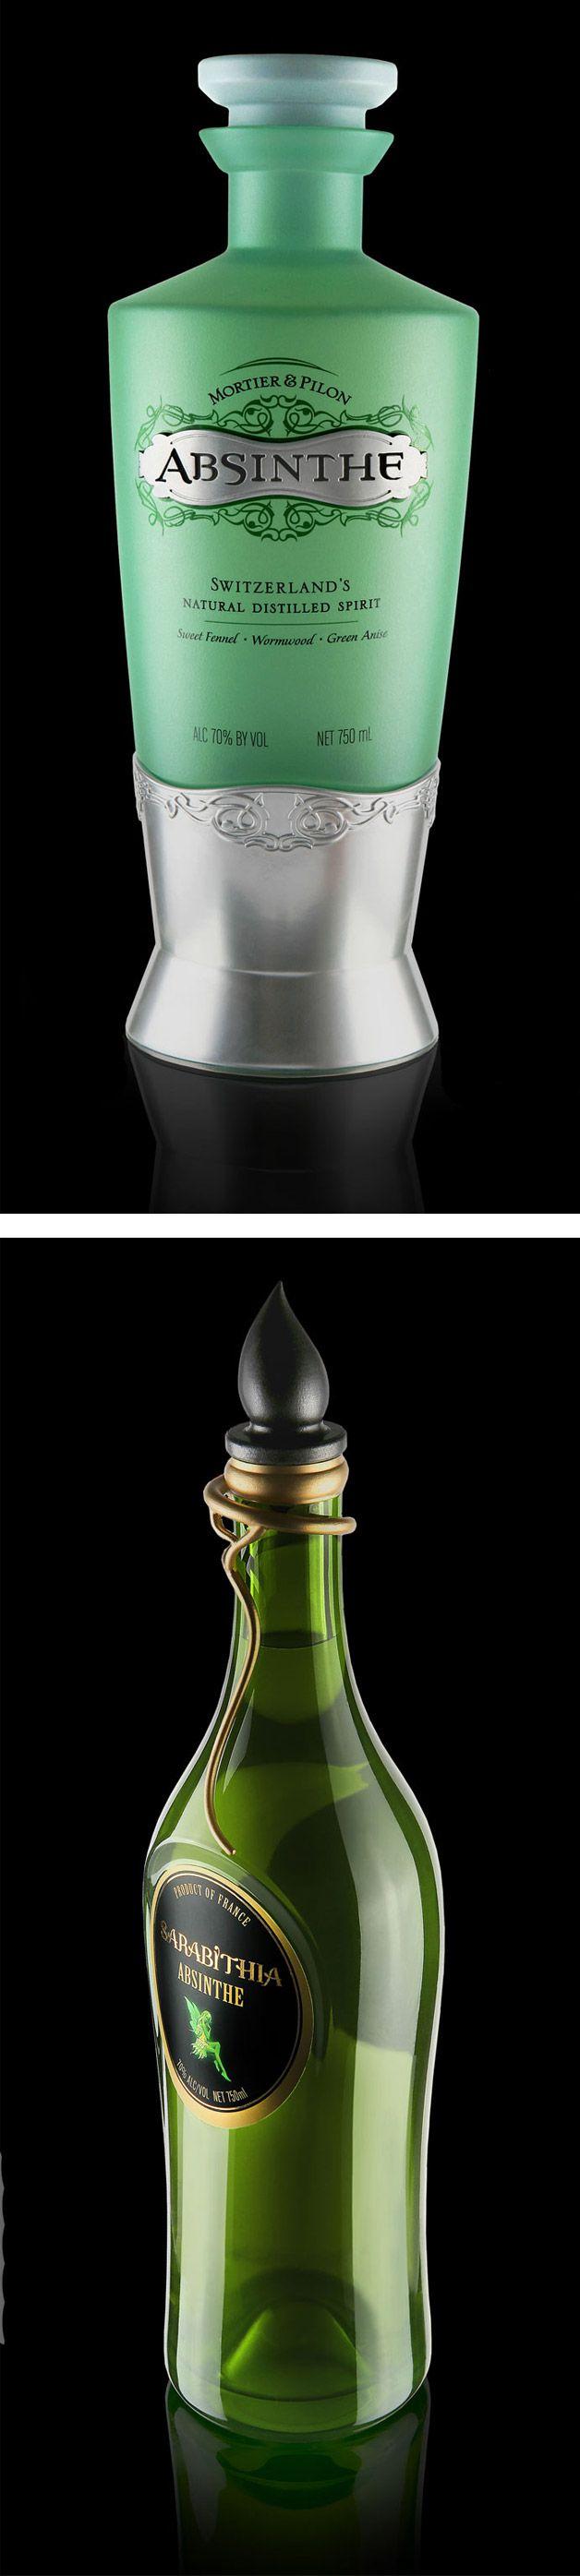 O estúdio de designProduct Venturesfez esse estudo para o design de uma nova garrafa de absinto para um de seus clientes. Eu fiquei em dúvida de qual é a mais bonita.   ...